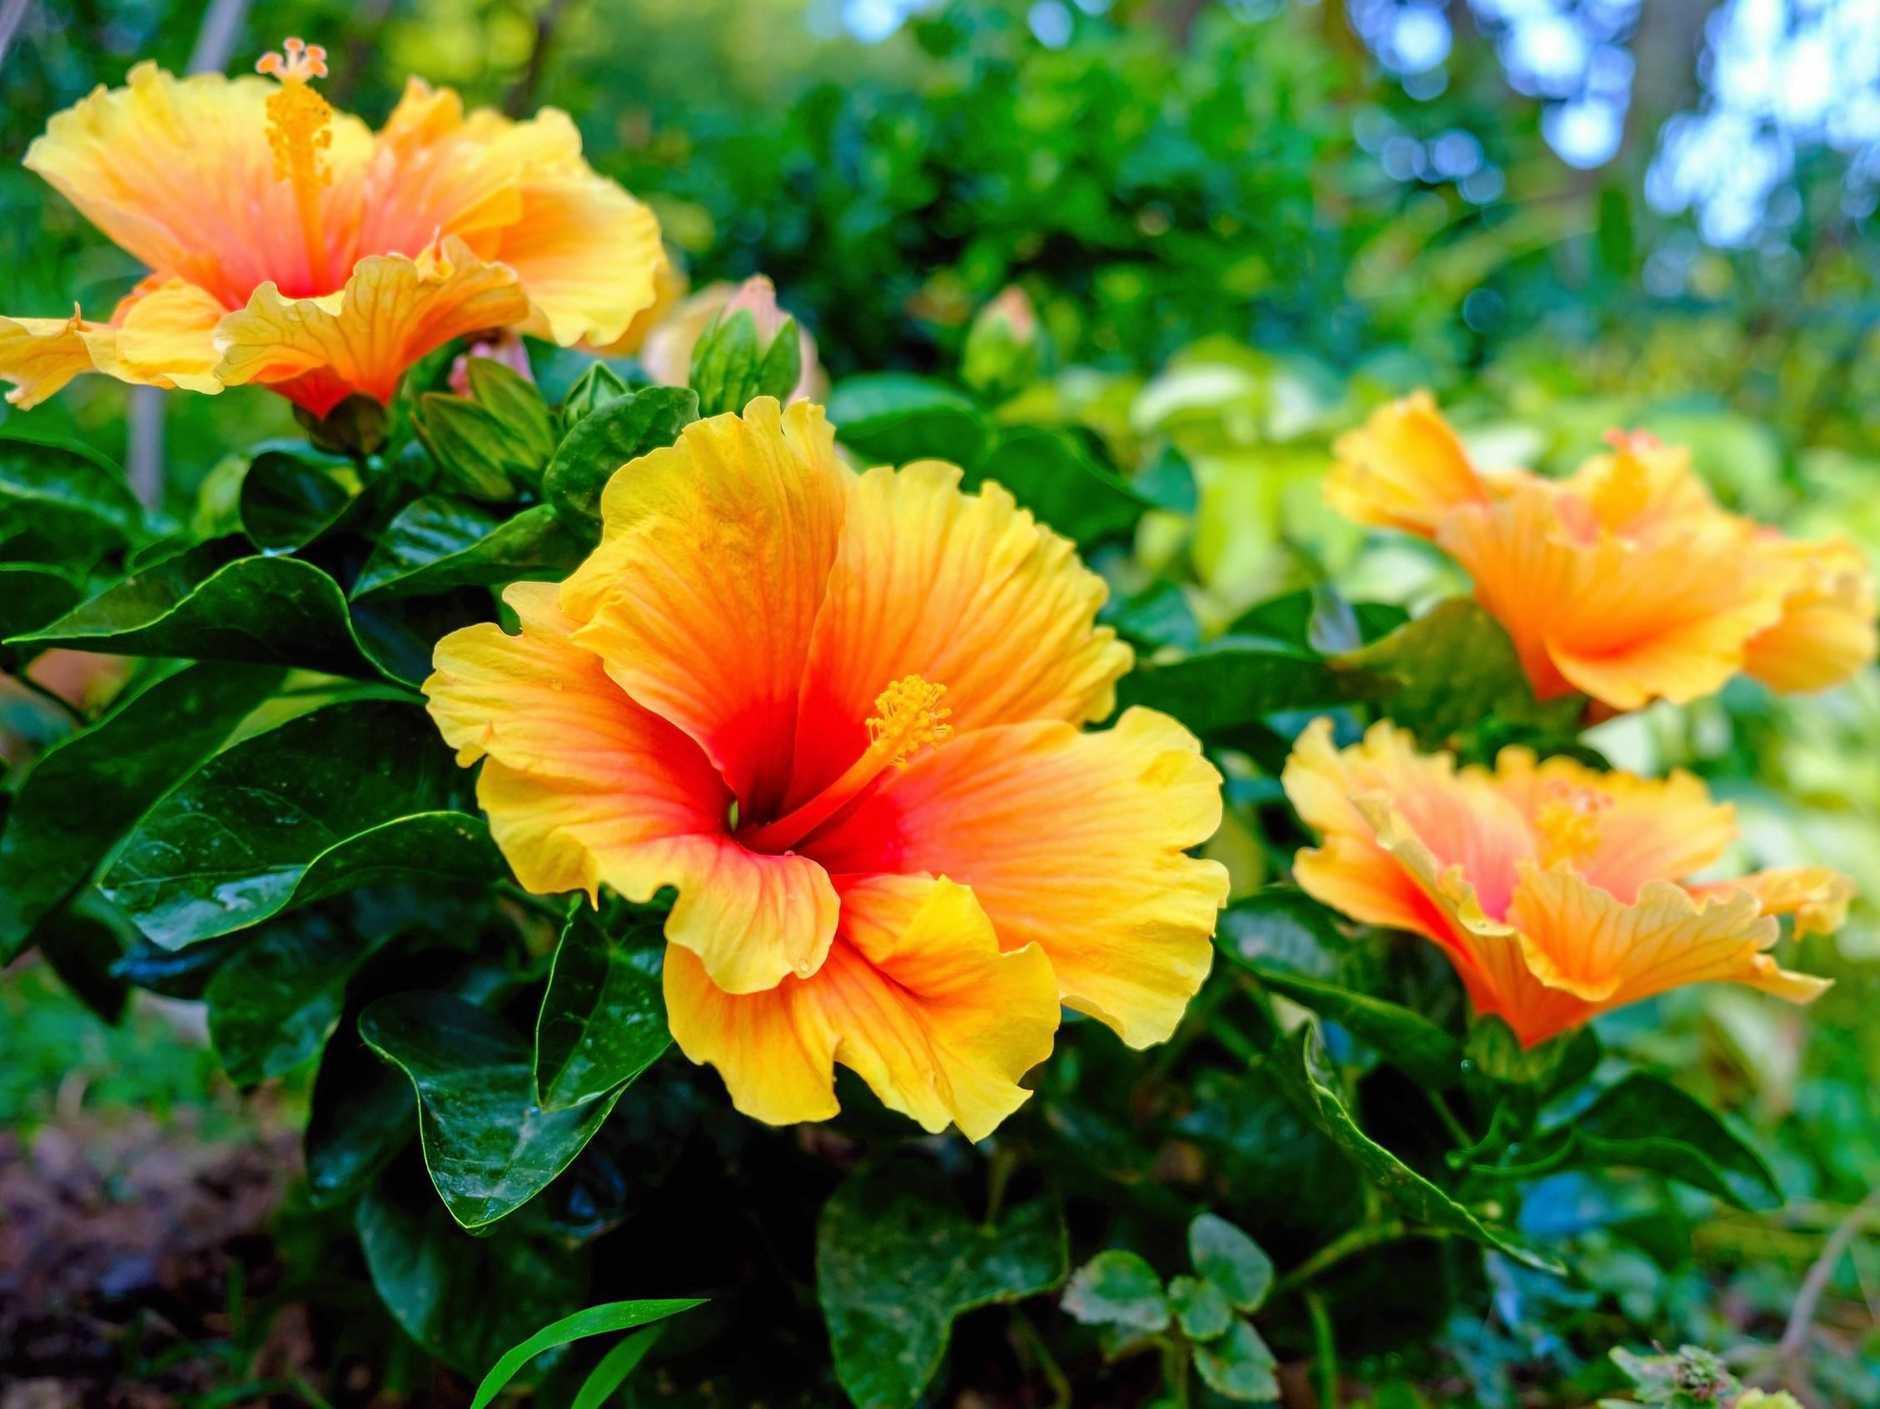 Ảnh bụi hoa dâm bụt vàng rực